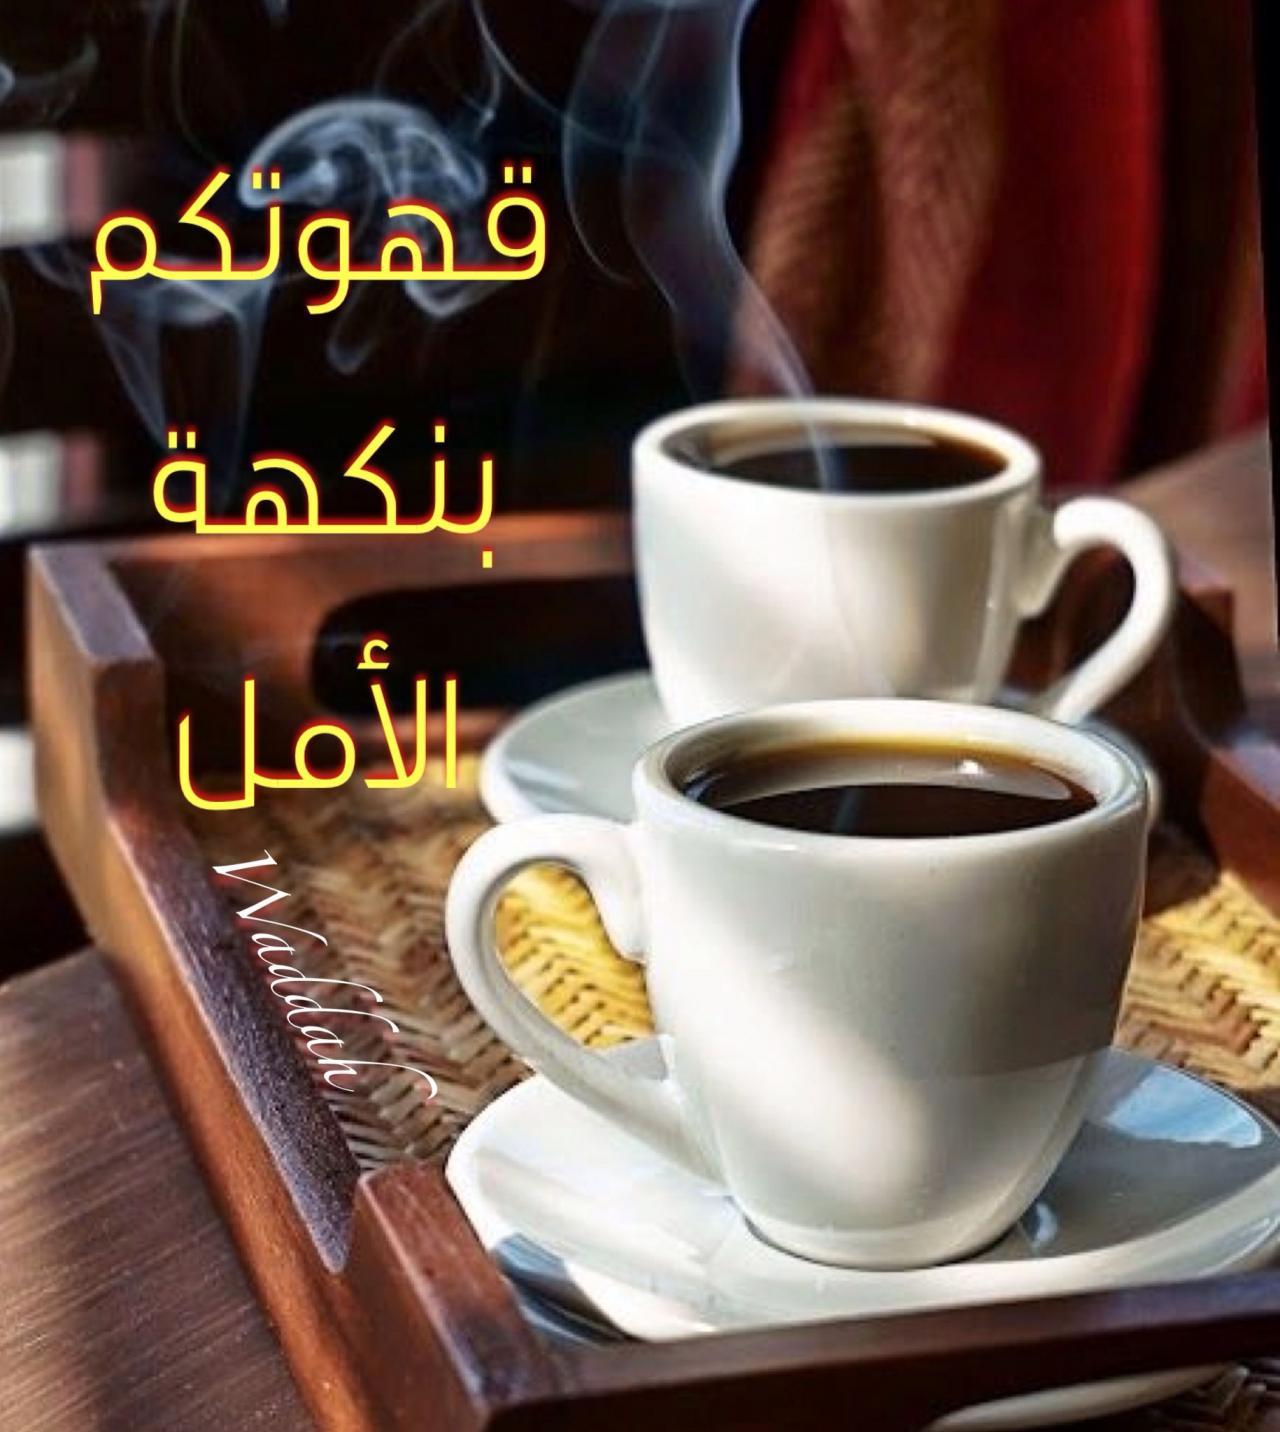 صورة احلى قهوه تتناولها في الصباح , صباح الخير قهوة 1817 5